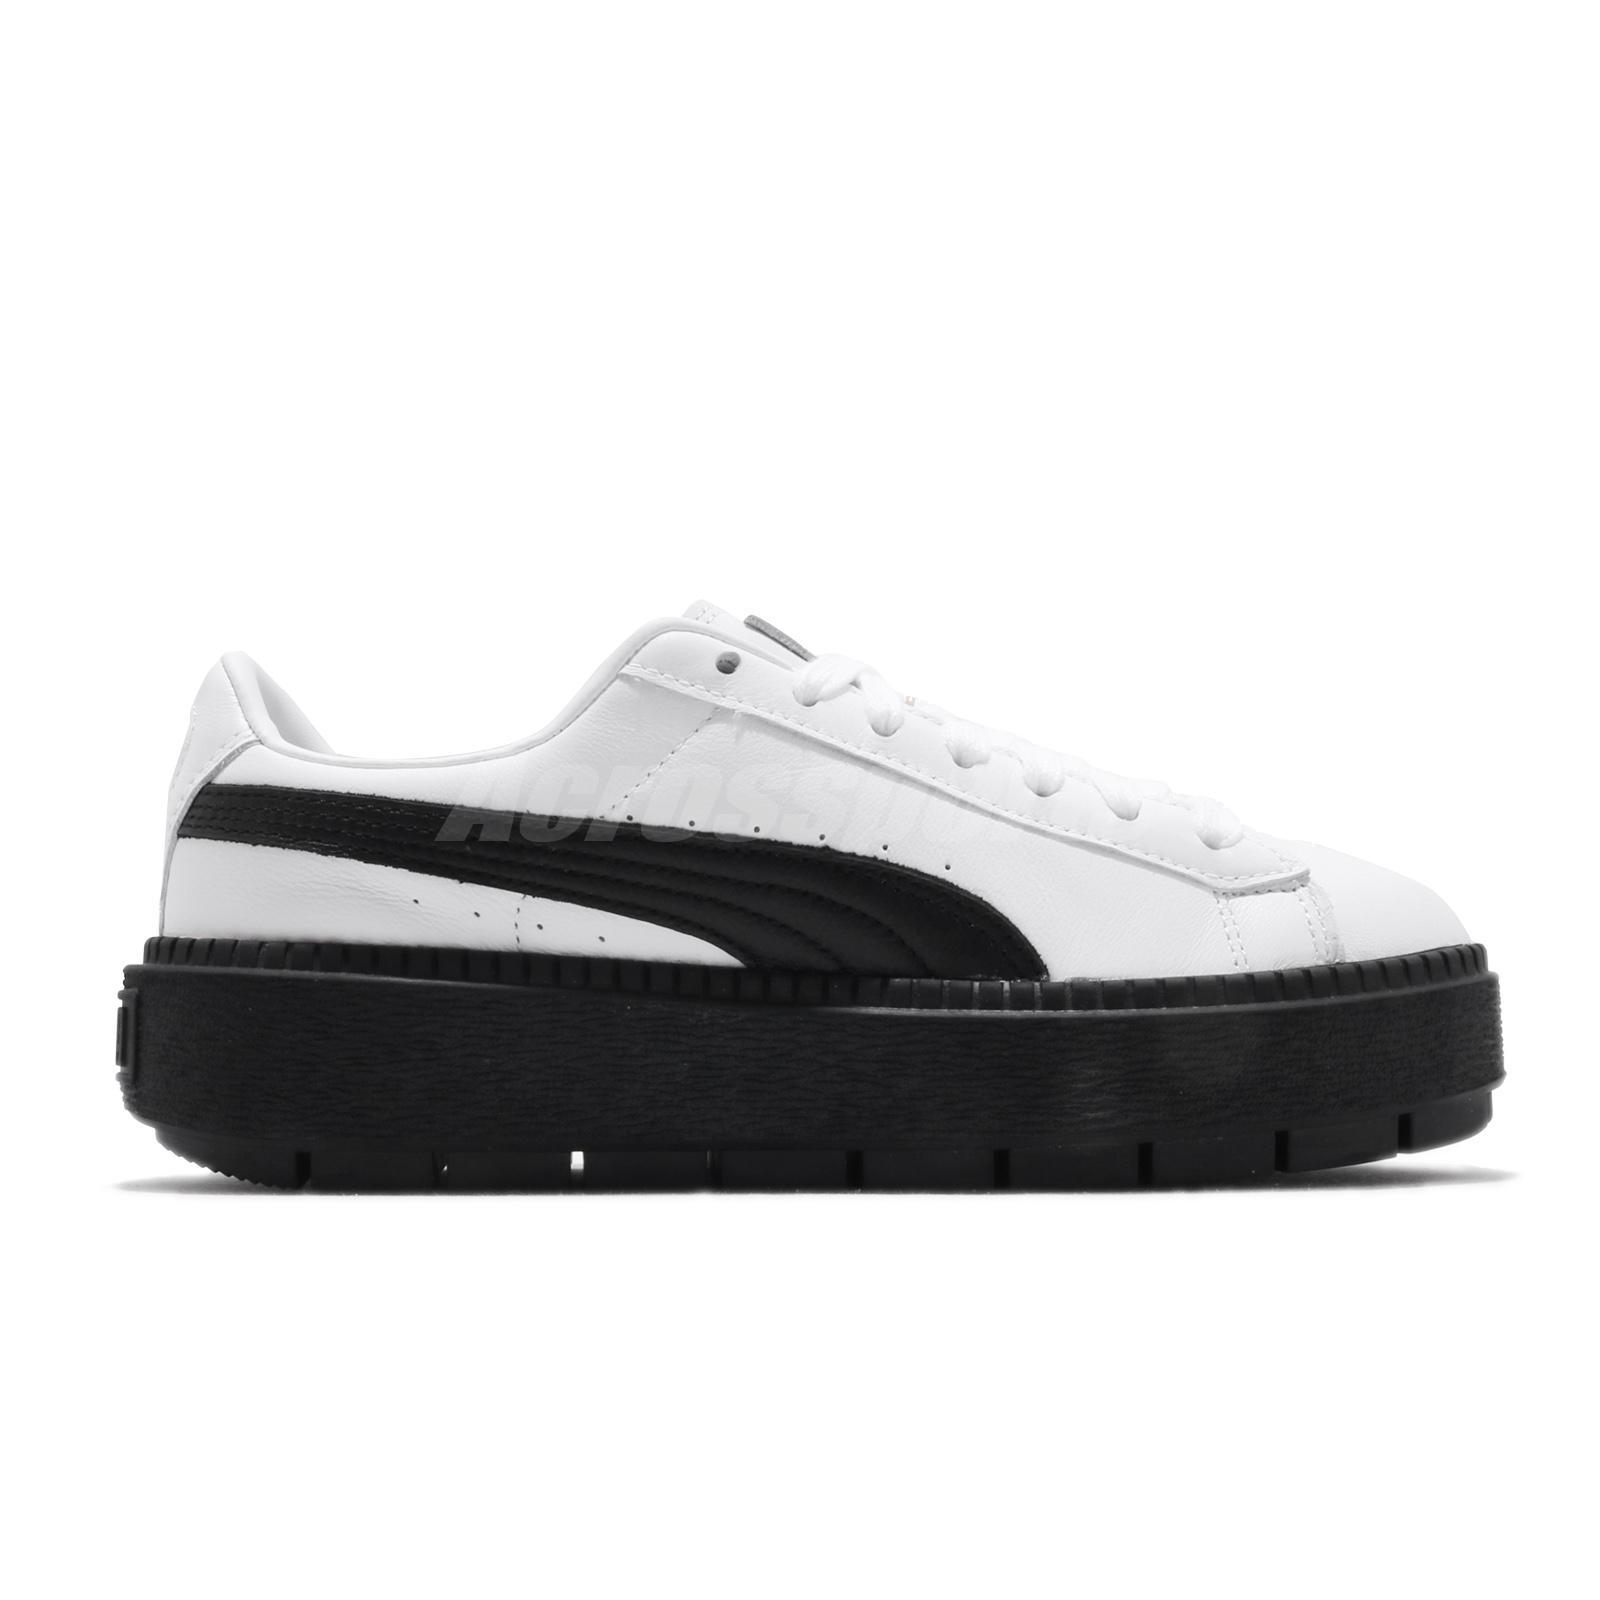 Details about Puma Platform Trace L Wns Basket White Black Women Casual  Shoe Sneaker 366109-02